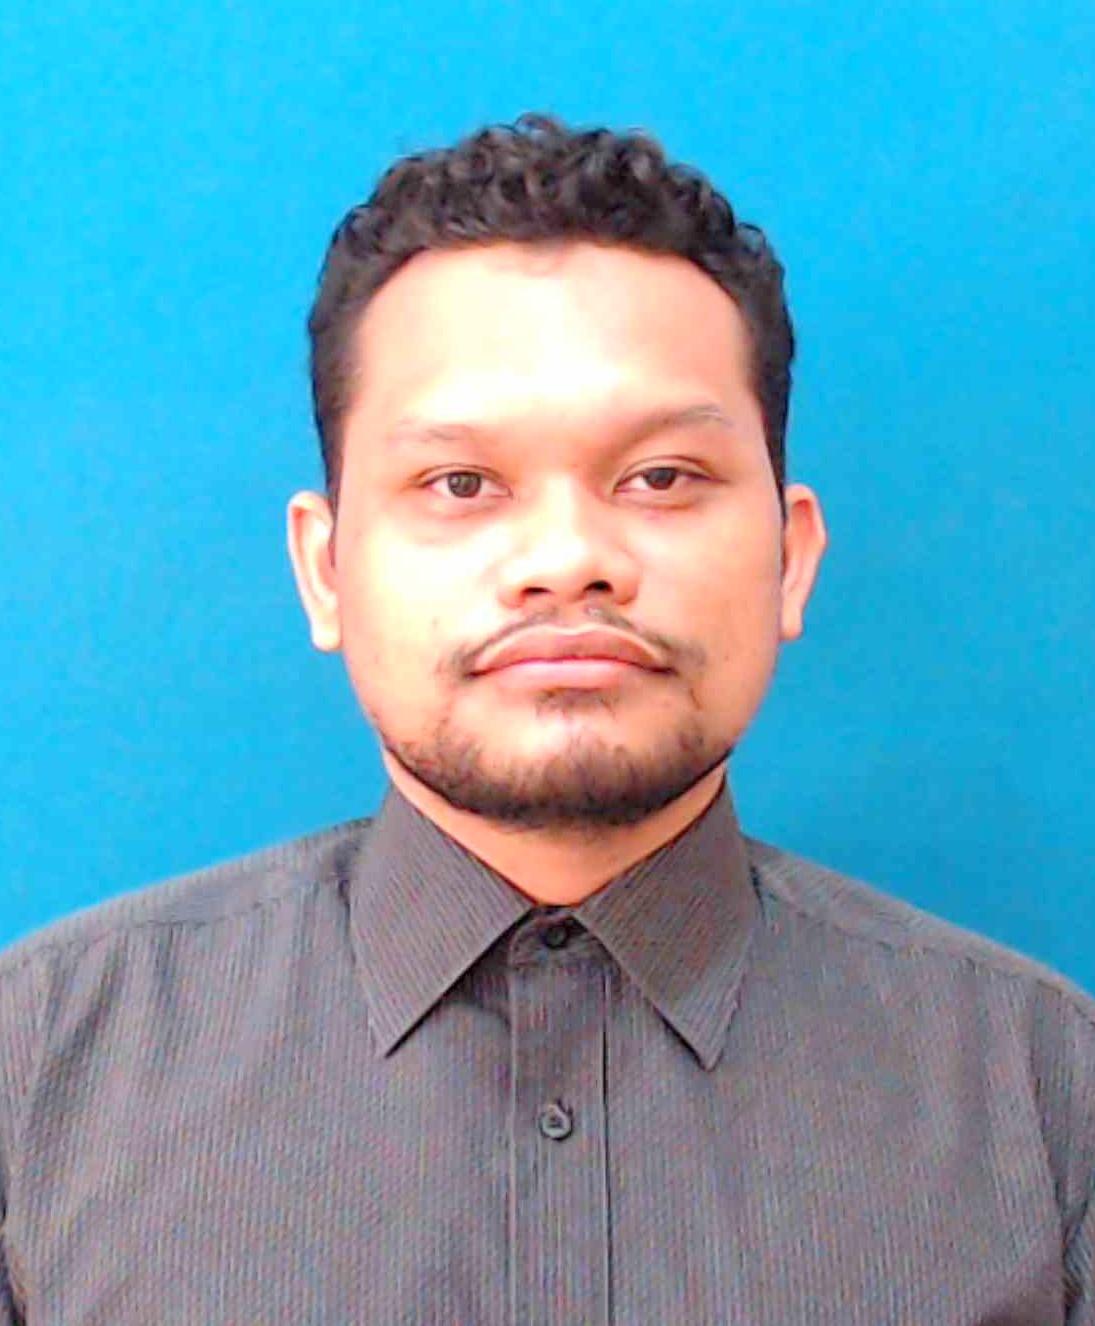 Muhammad Farhan Bin Mahmud